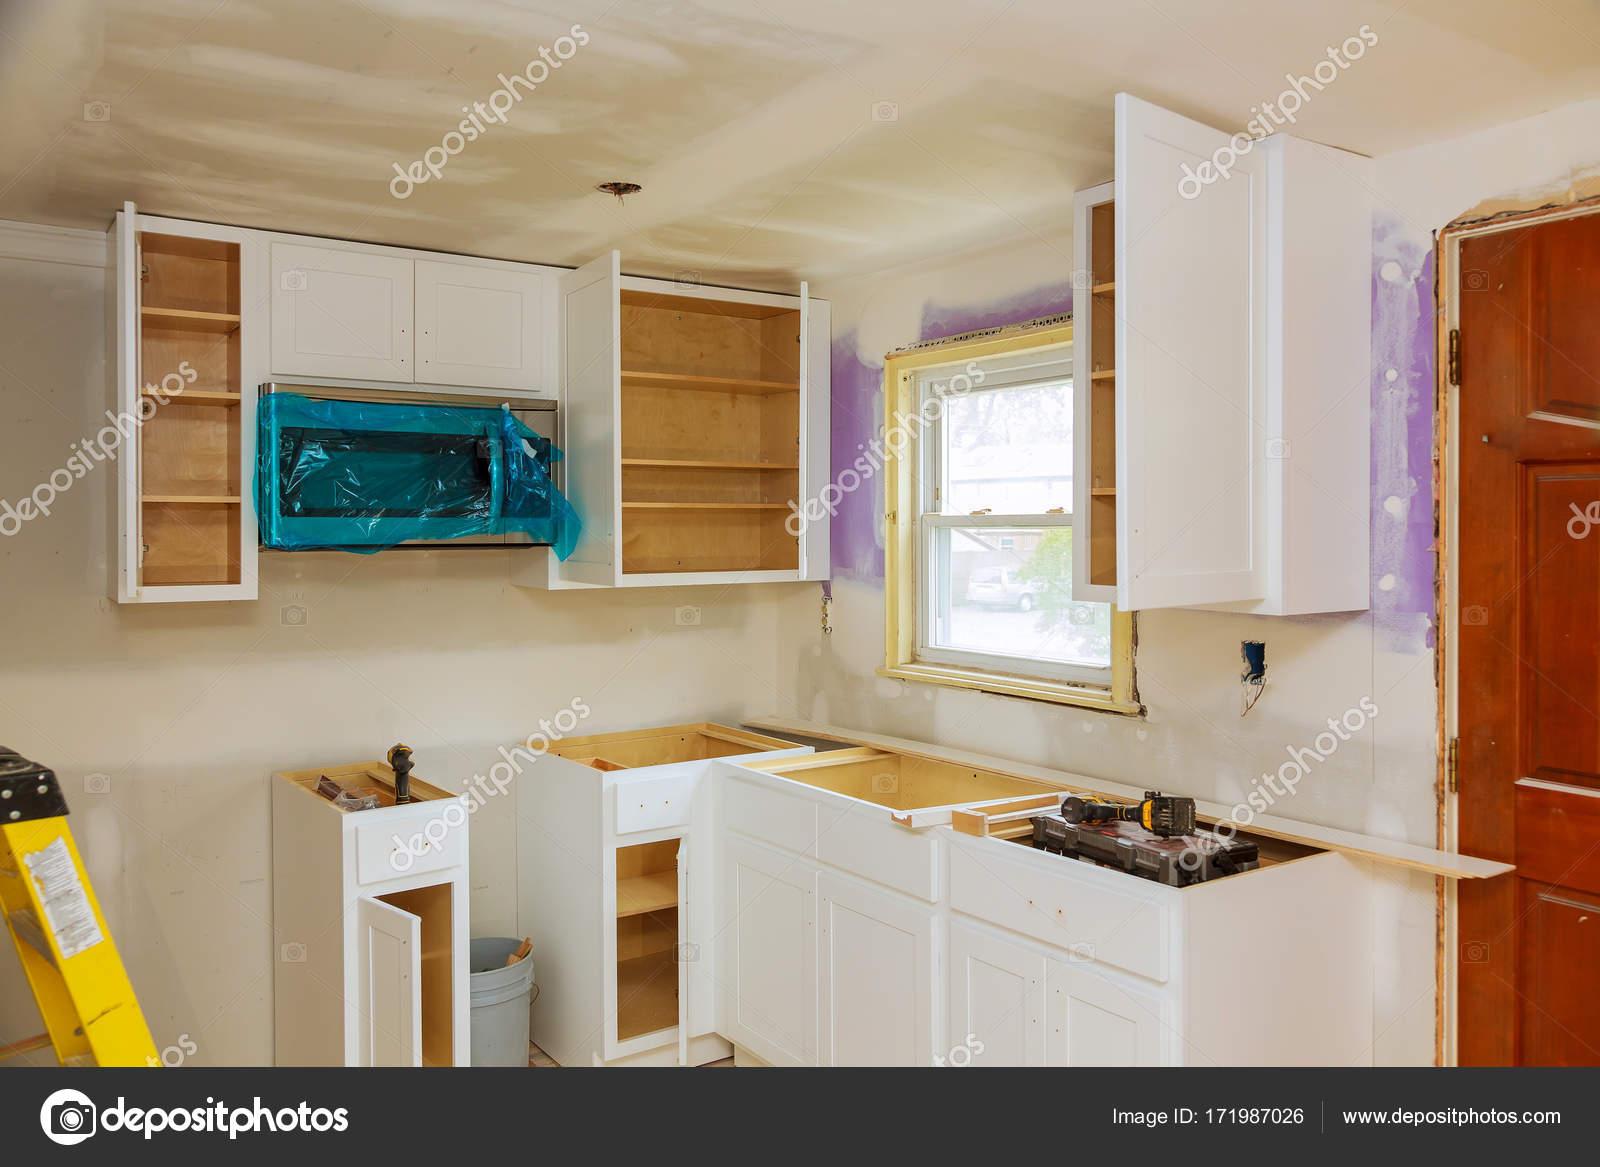 Fantastisch Benutzerdefinierte Küchenschränke Bilder Fotos - Küchen ...